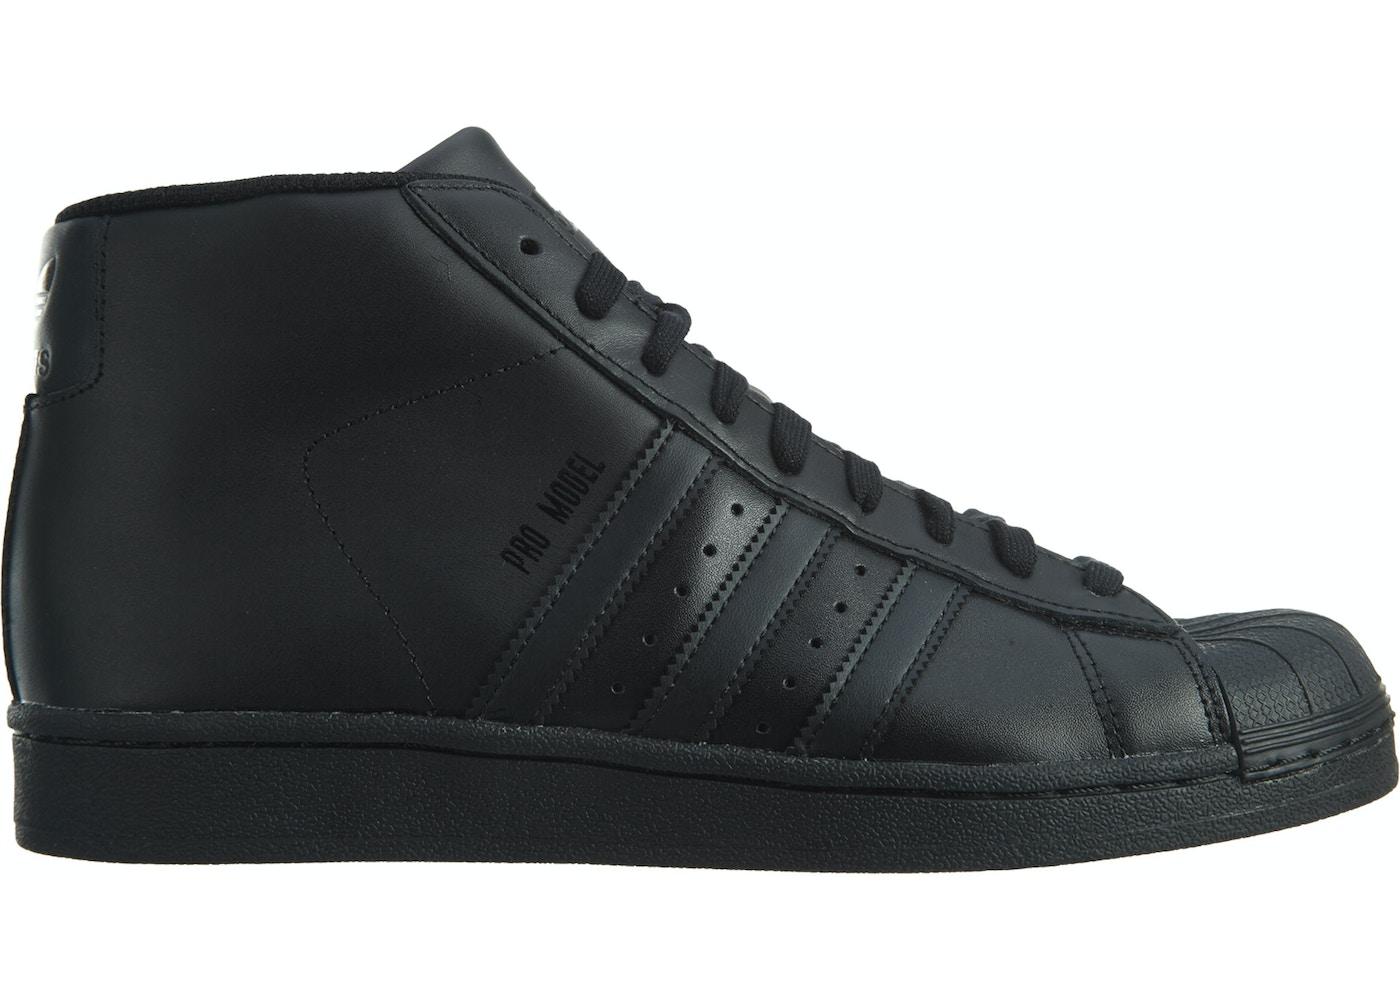 vente chaude en ligne 34a59 c1d28 adidas Pro Model Black/Black